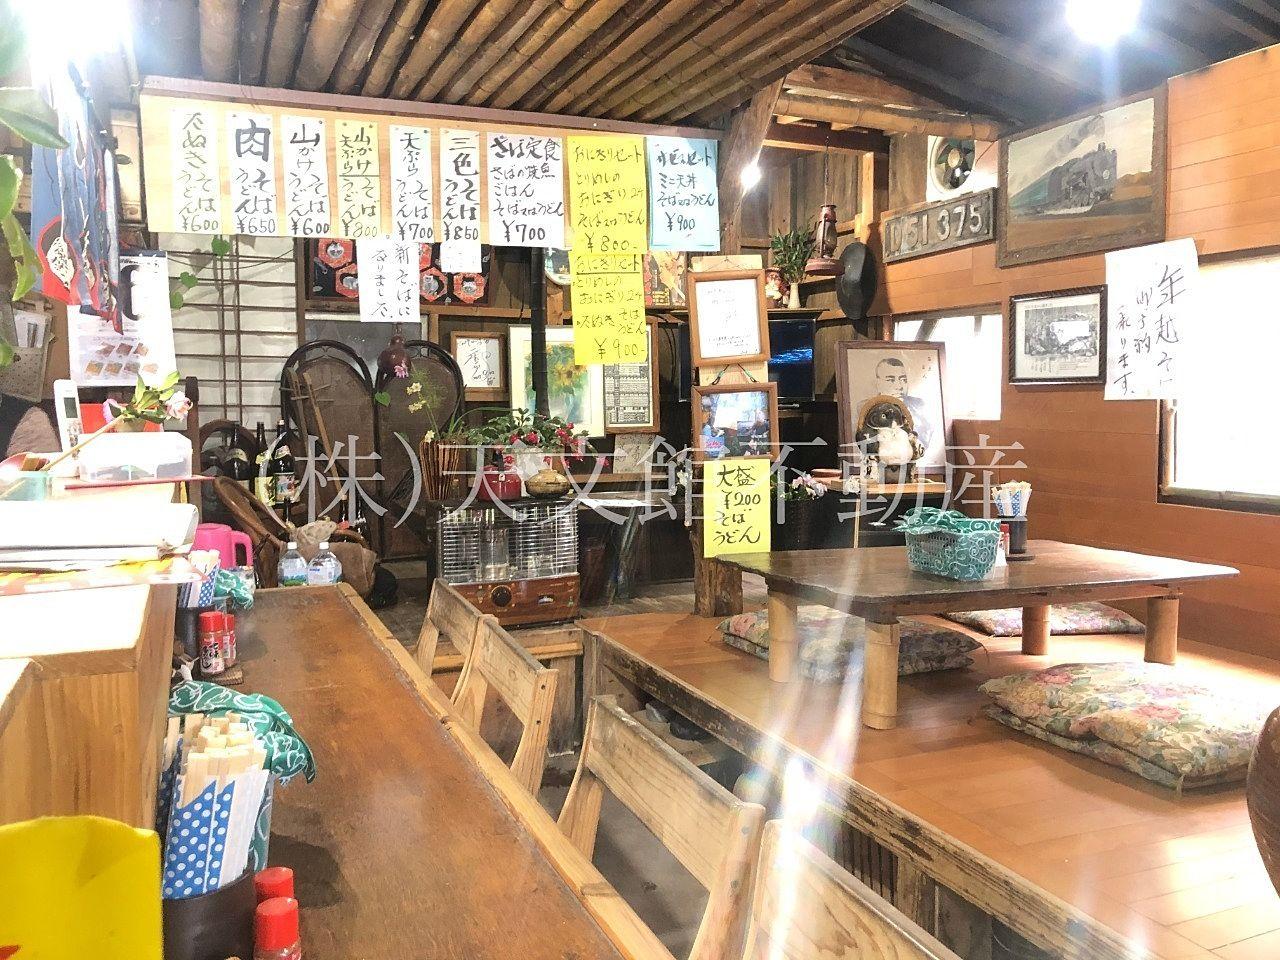 鹿児島市吉野町のたぬきそばの店舗の内装